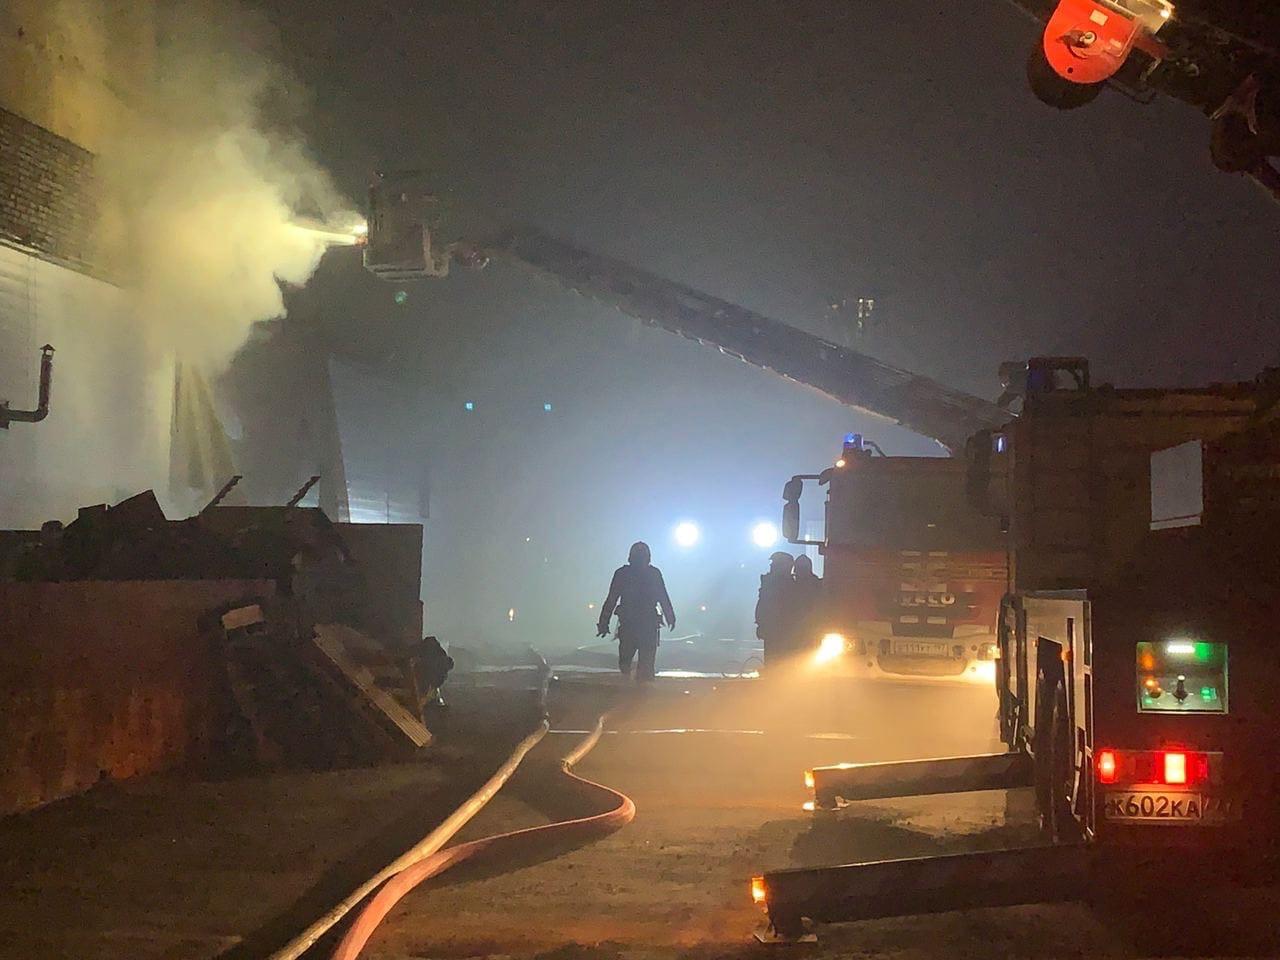 На юго-востоке Москвы частично обрушилась крыша горящего склада